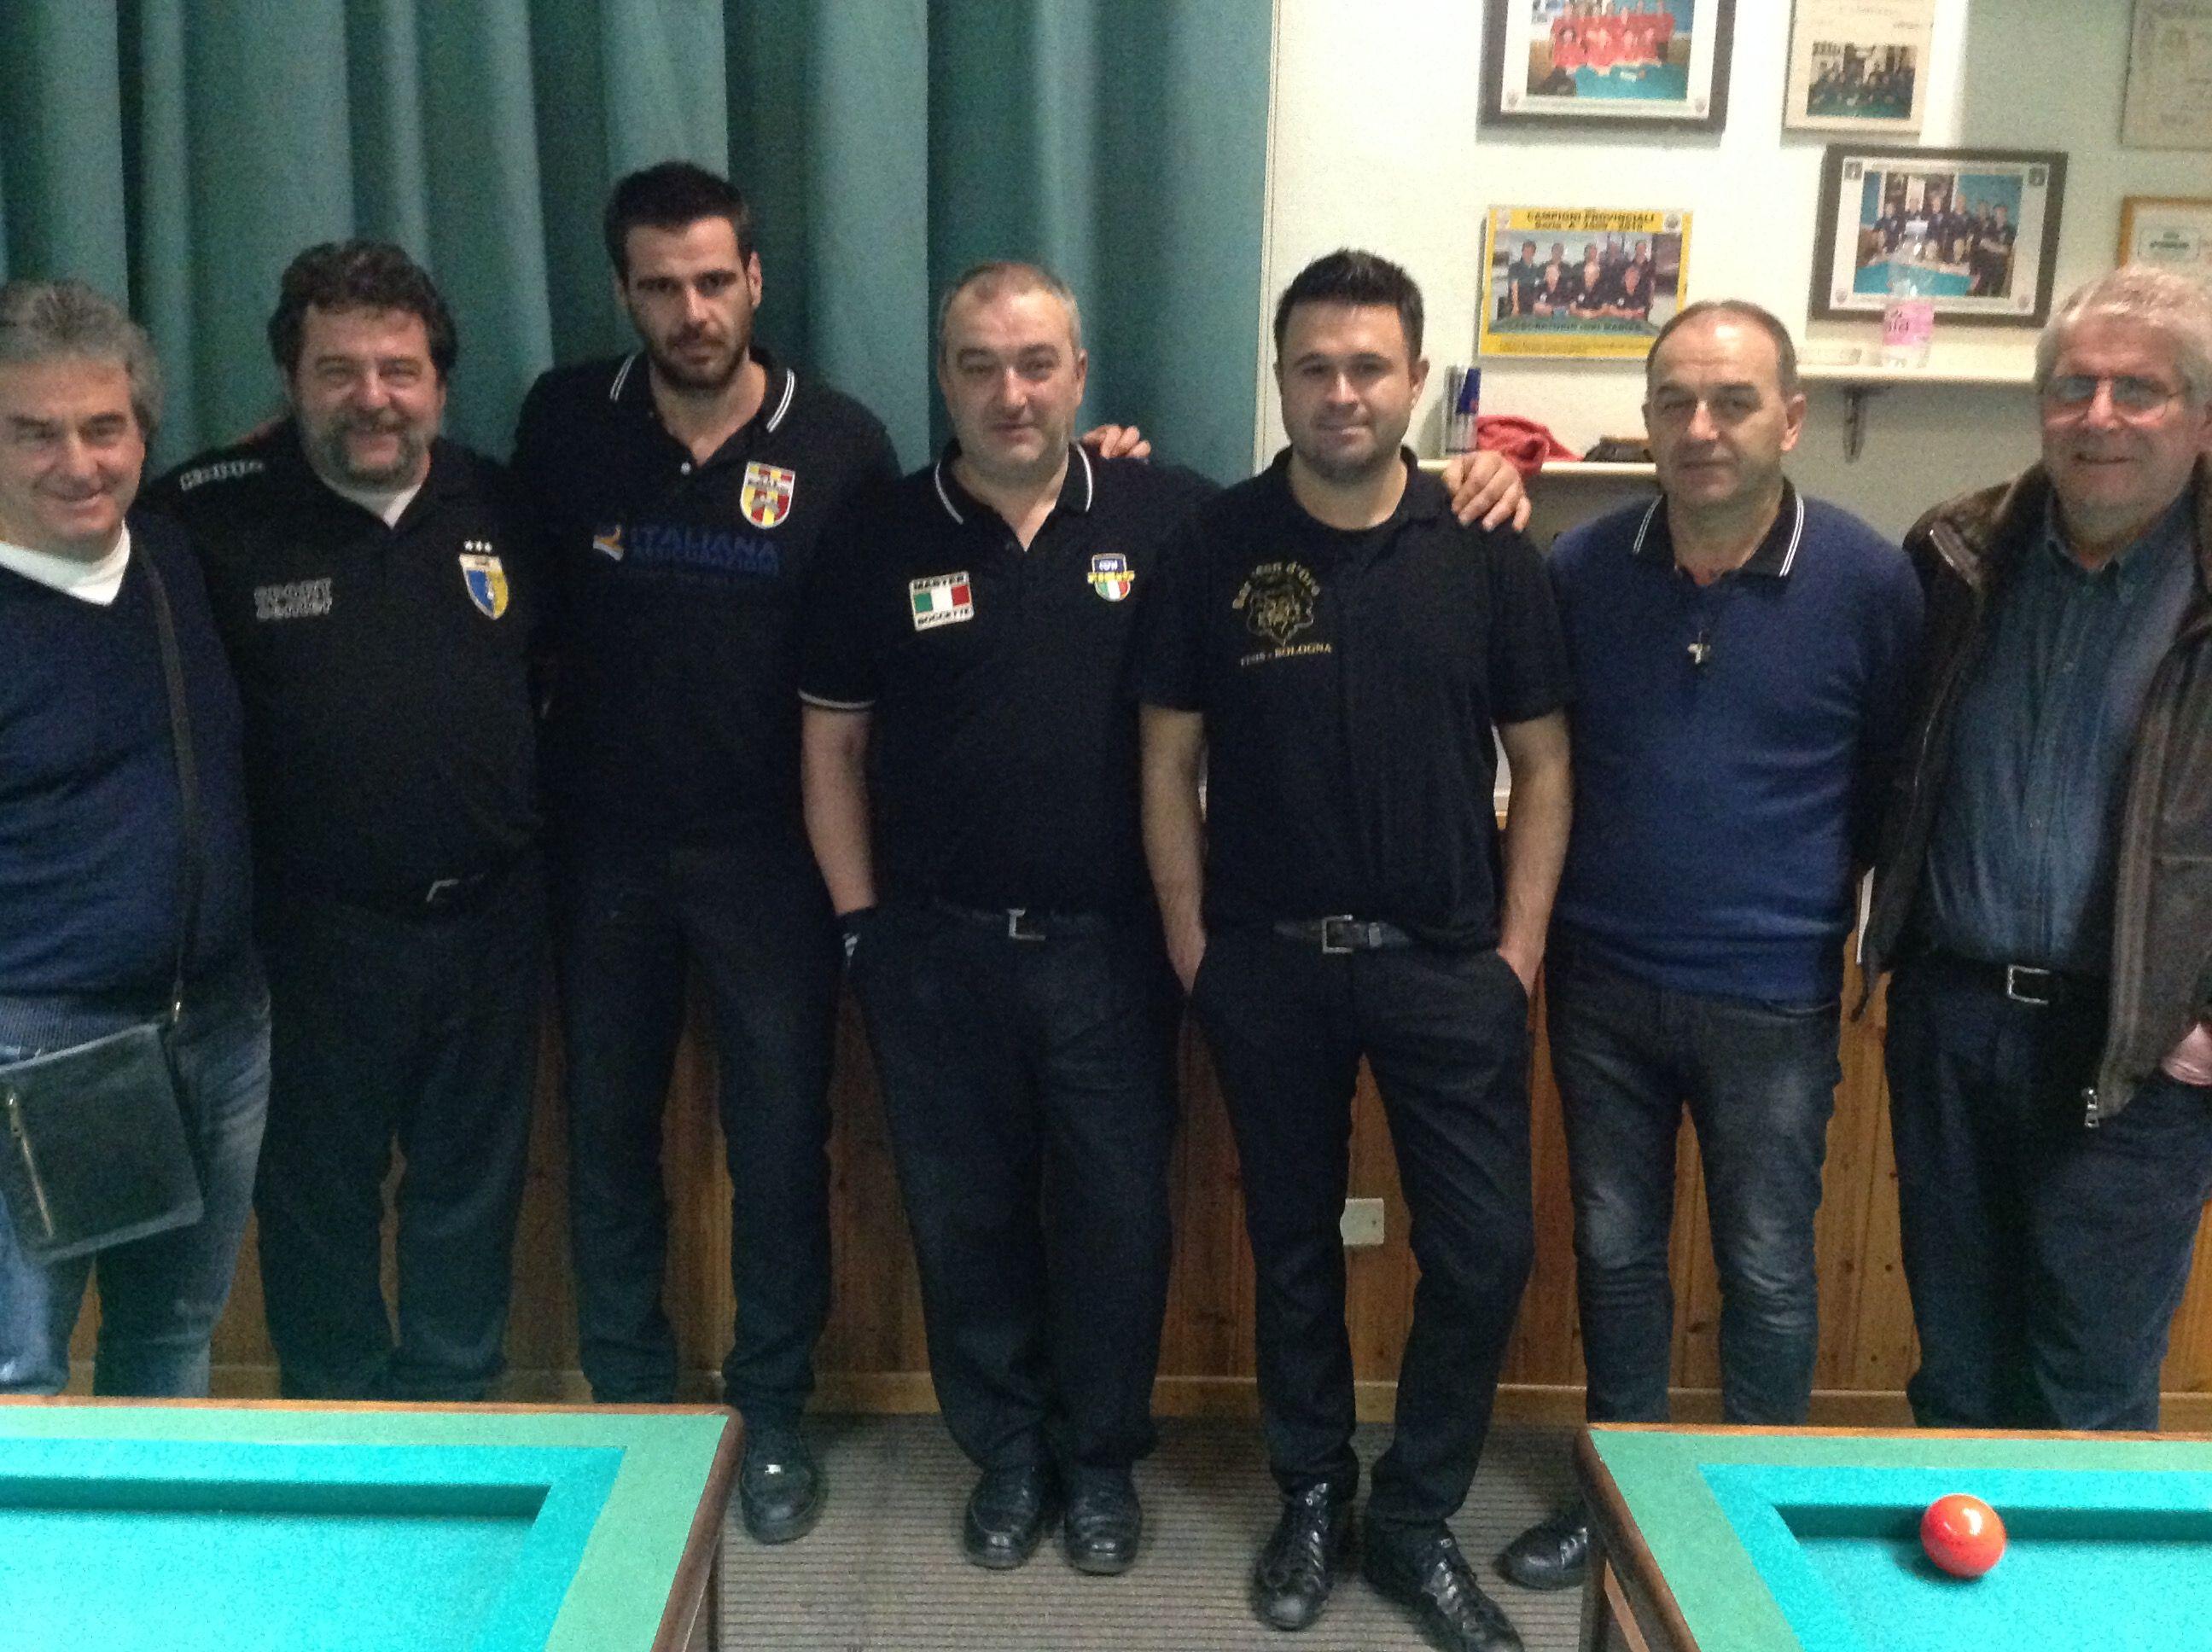 Lauro Caffarri, Marco Merloni, Daniele Ricci, Massimo Cicali, Fabio Corradini, Alberto Pavarotti e Augusto Landi